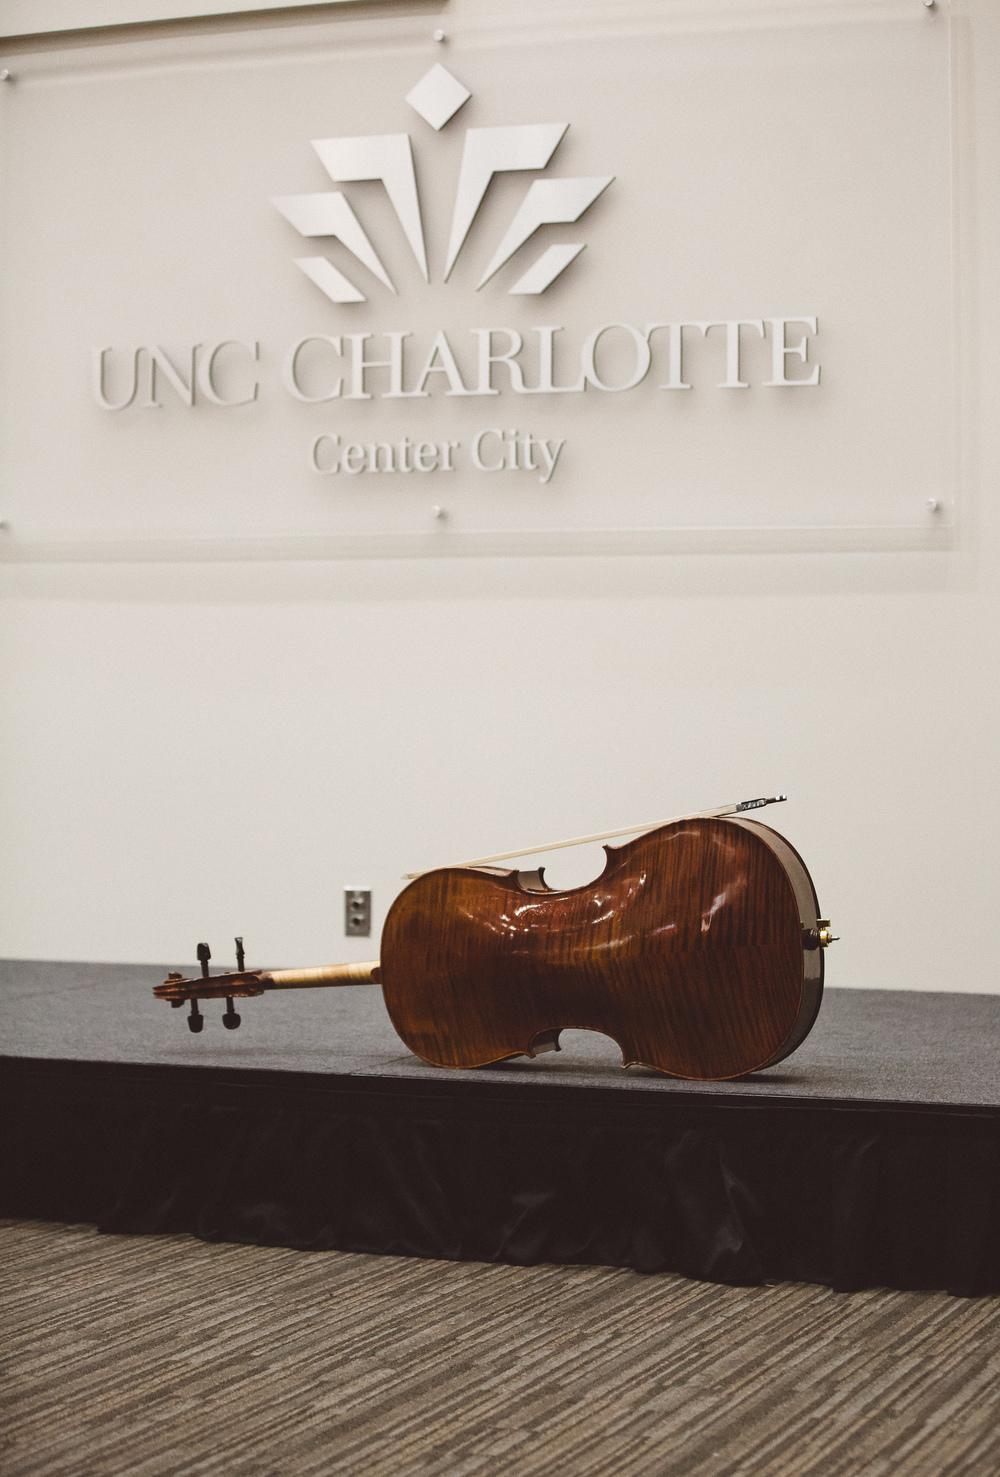 Miras cello.jpg